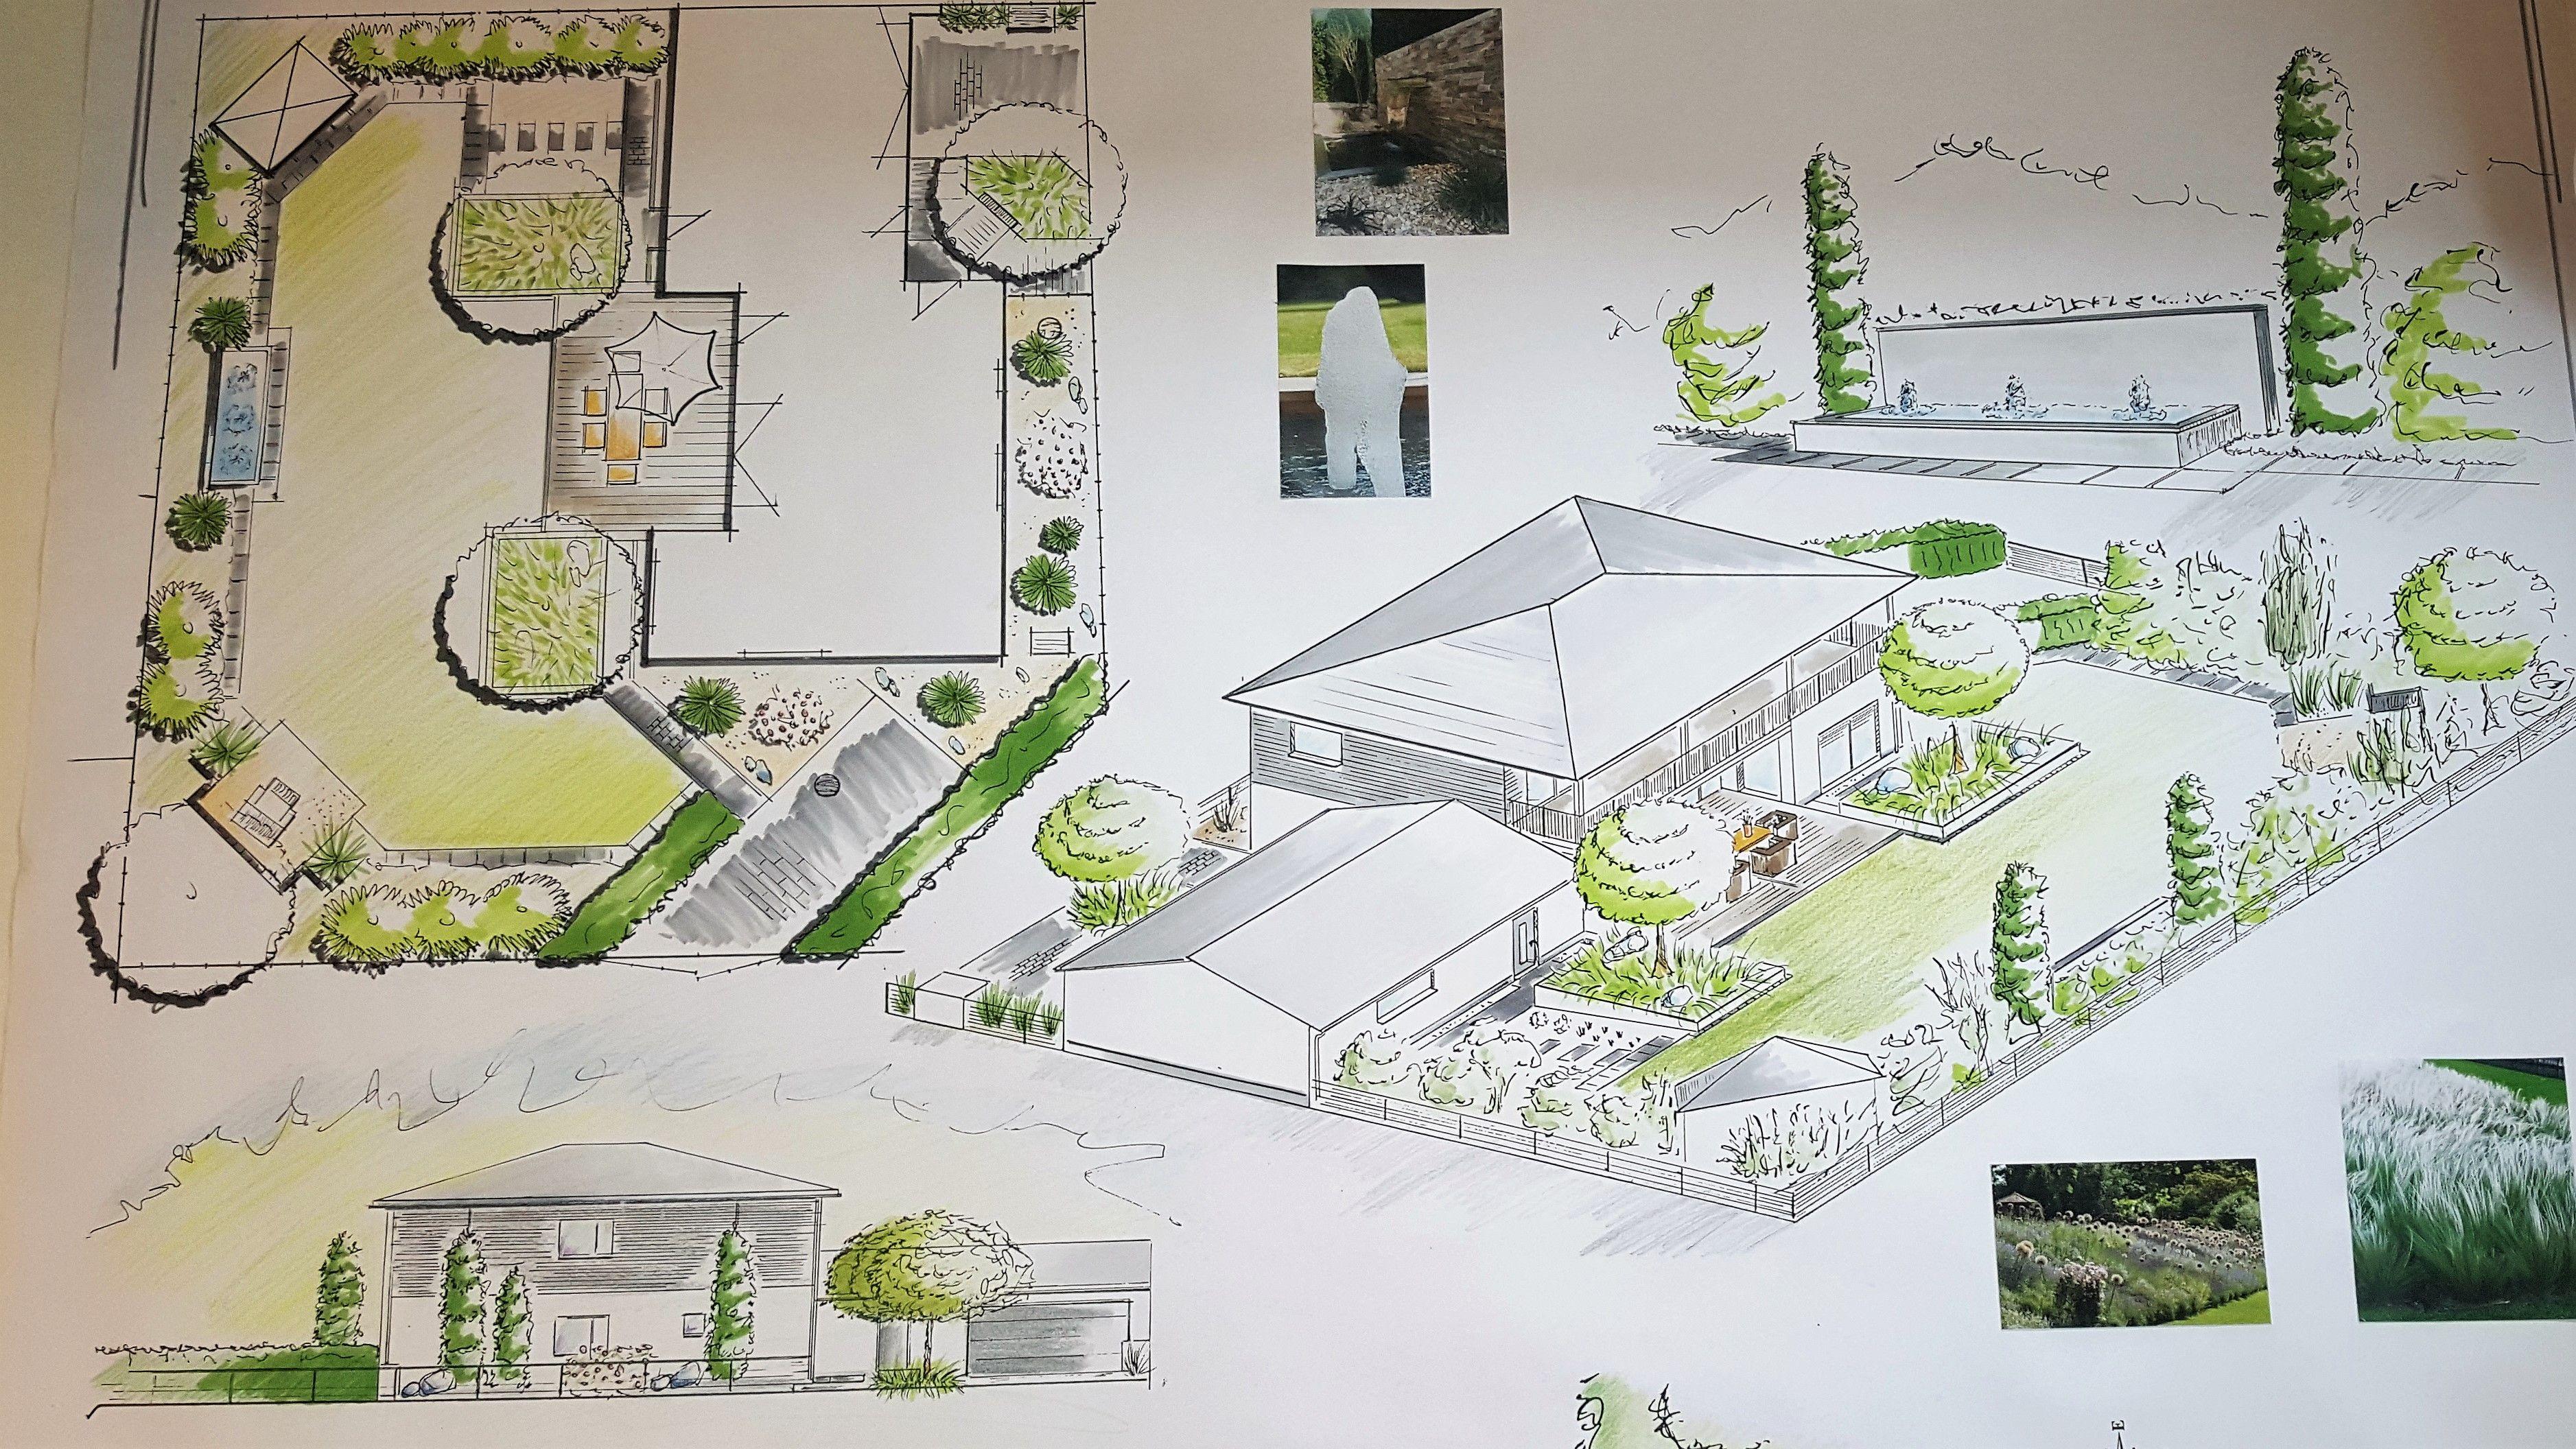 Entwurf Fur Einen Garten Ubersichtsplan Mit Ansichten Garten Gartenentwurfe Planer